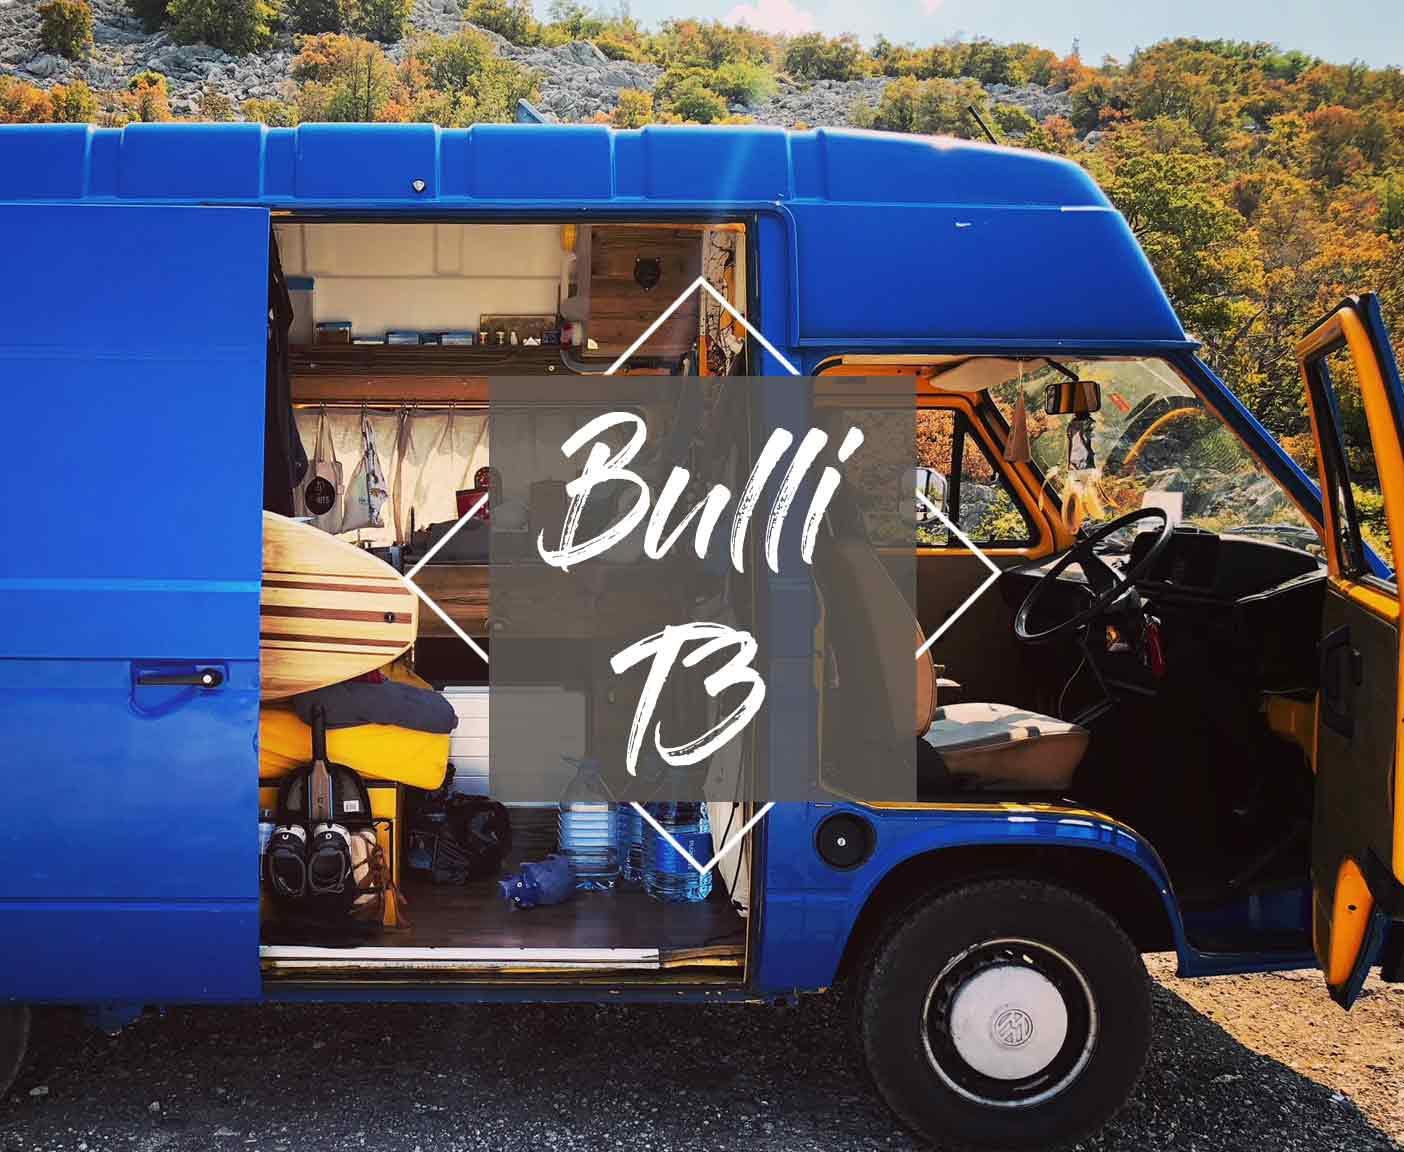 bulli-vergleich-t3-voklswagen-vw-sale-zu-verkaufen.jpg